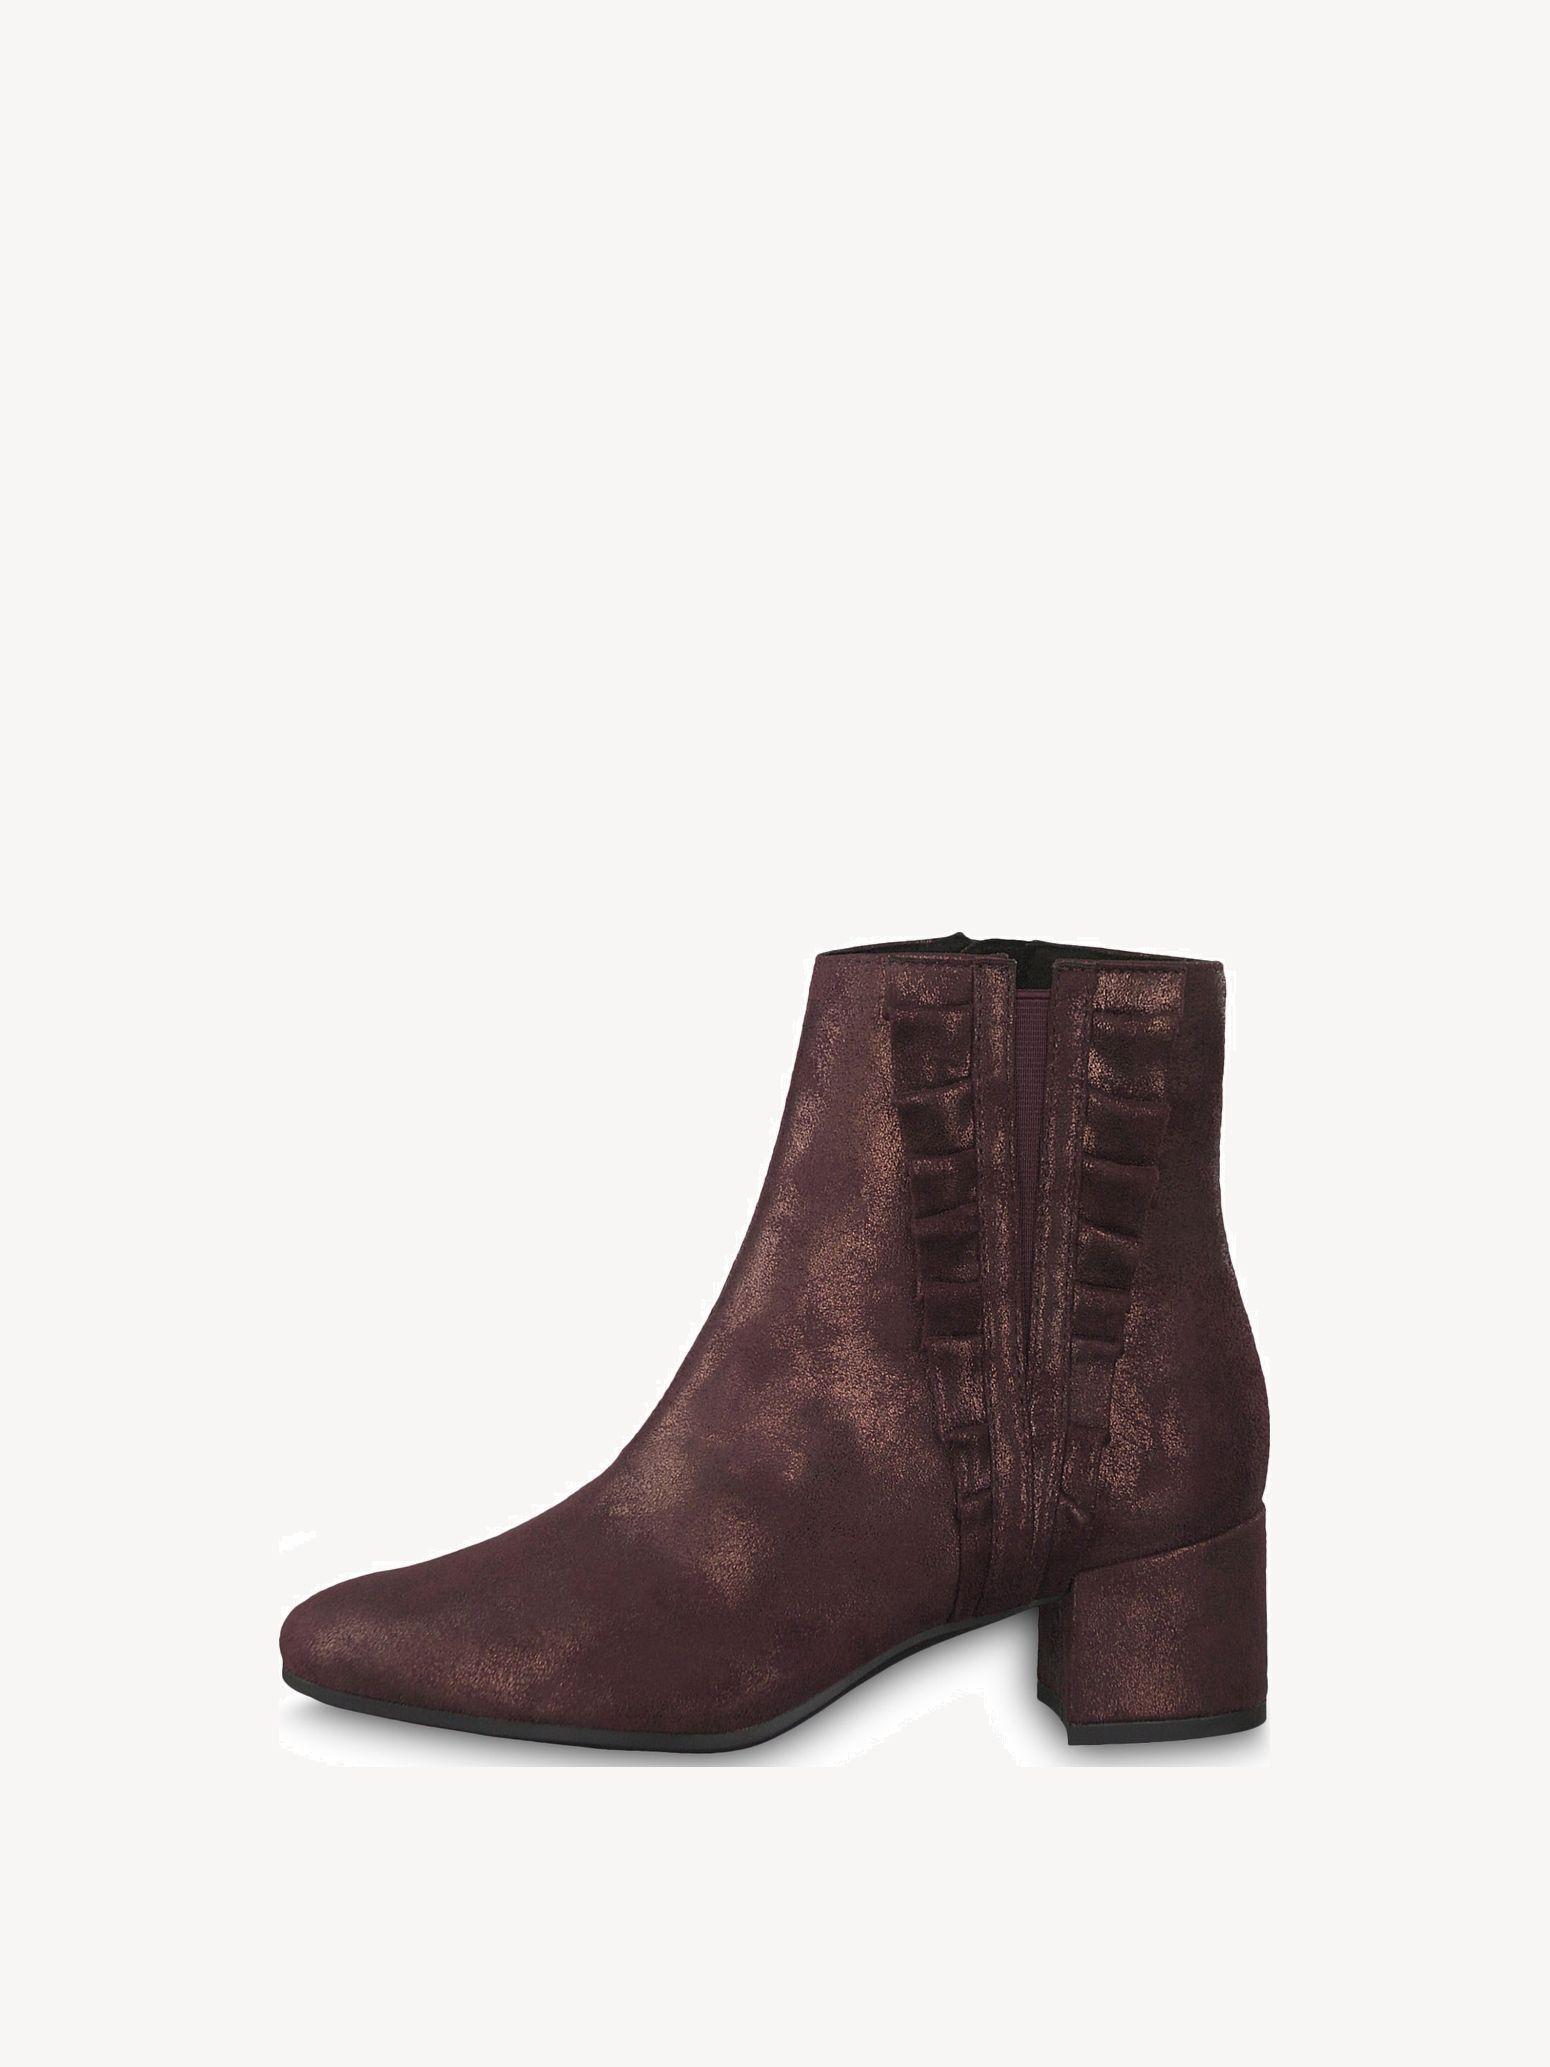 Tamaris 37 Stiefel Stiefeletten schwarz rot Leder